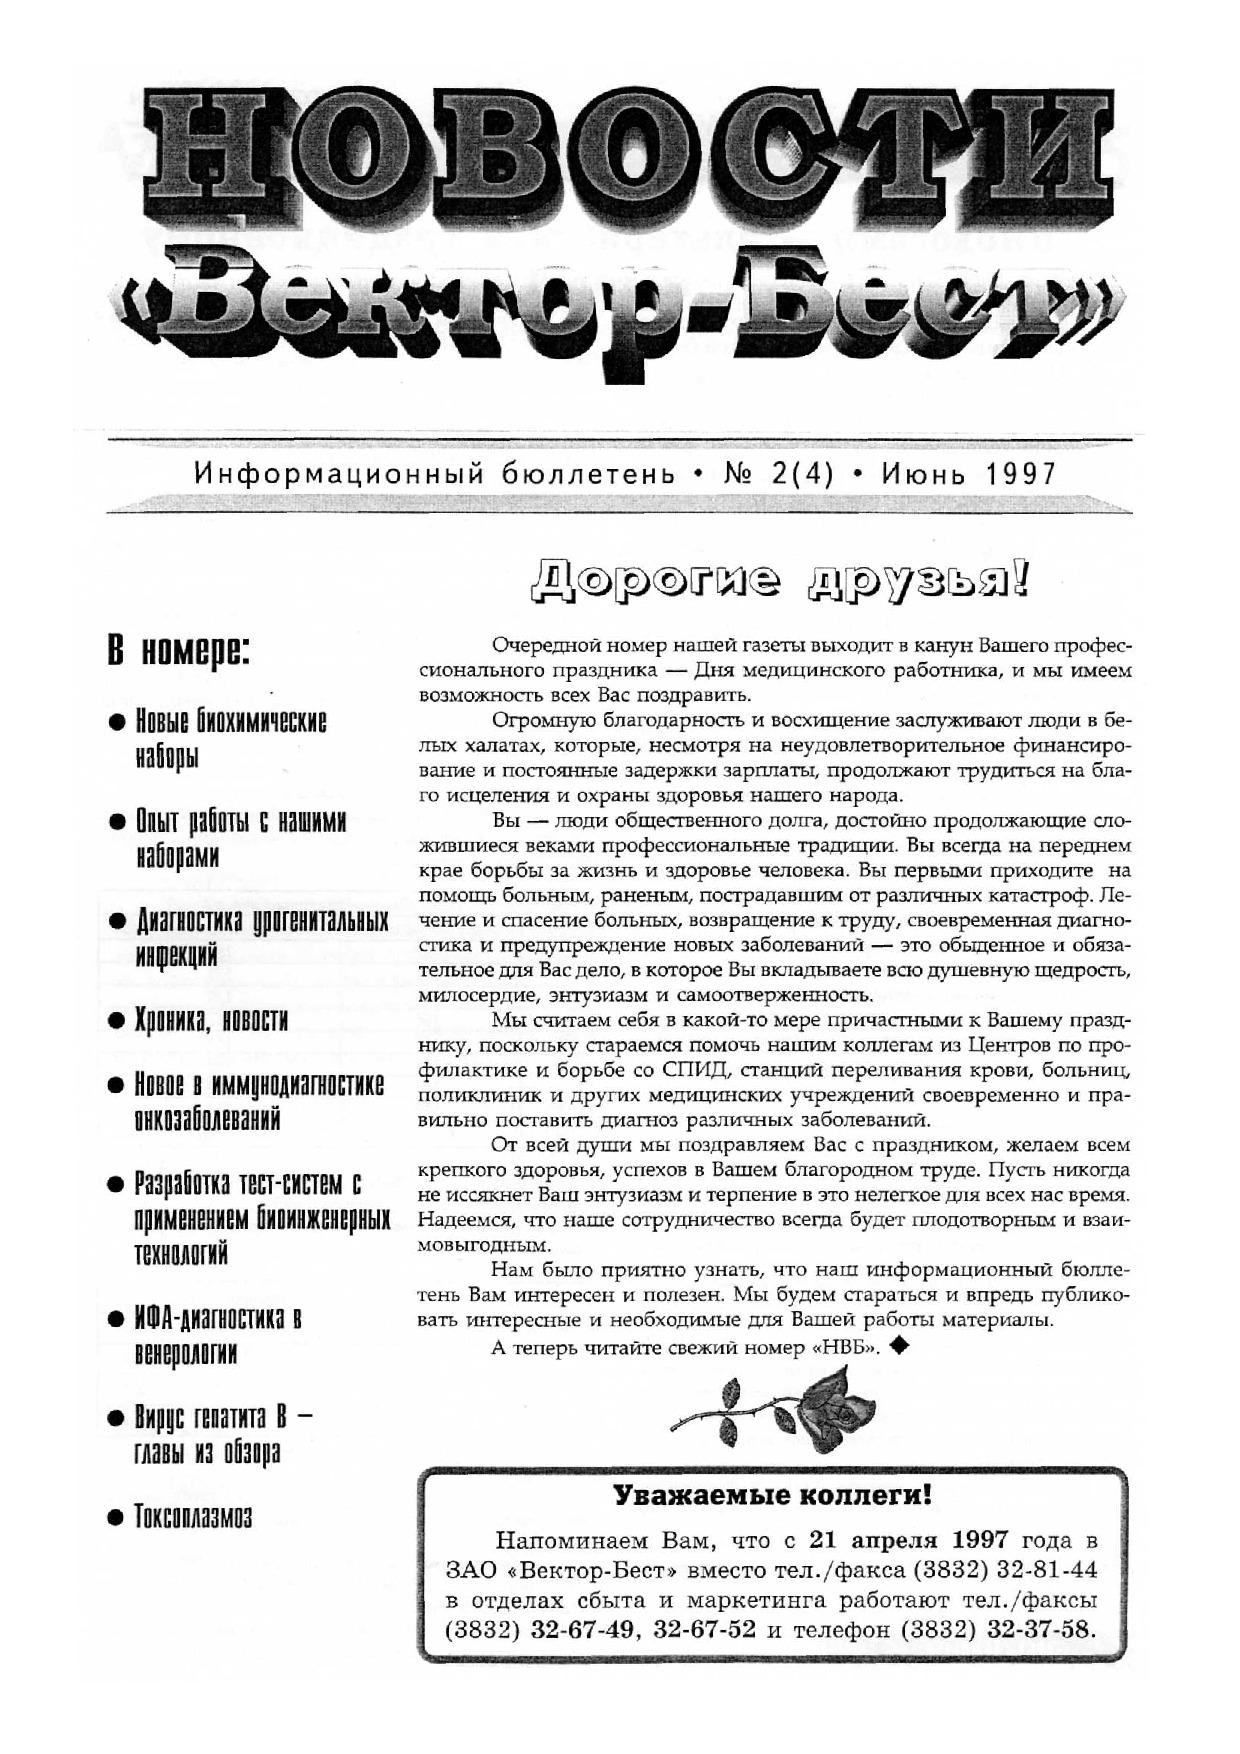 банка сибирский банк пао сбербанк бик 045004641 реквизиты банка инн